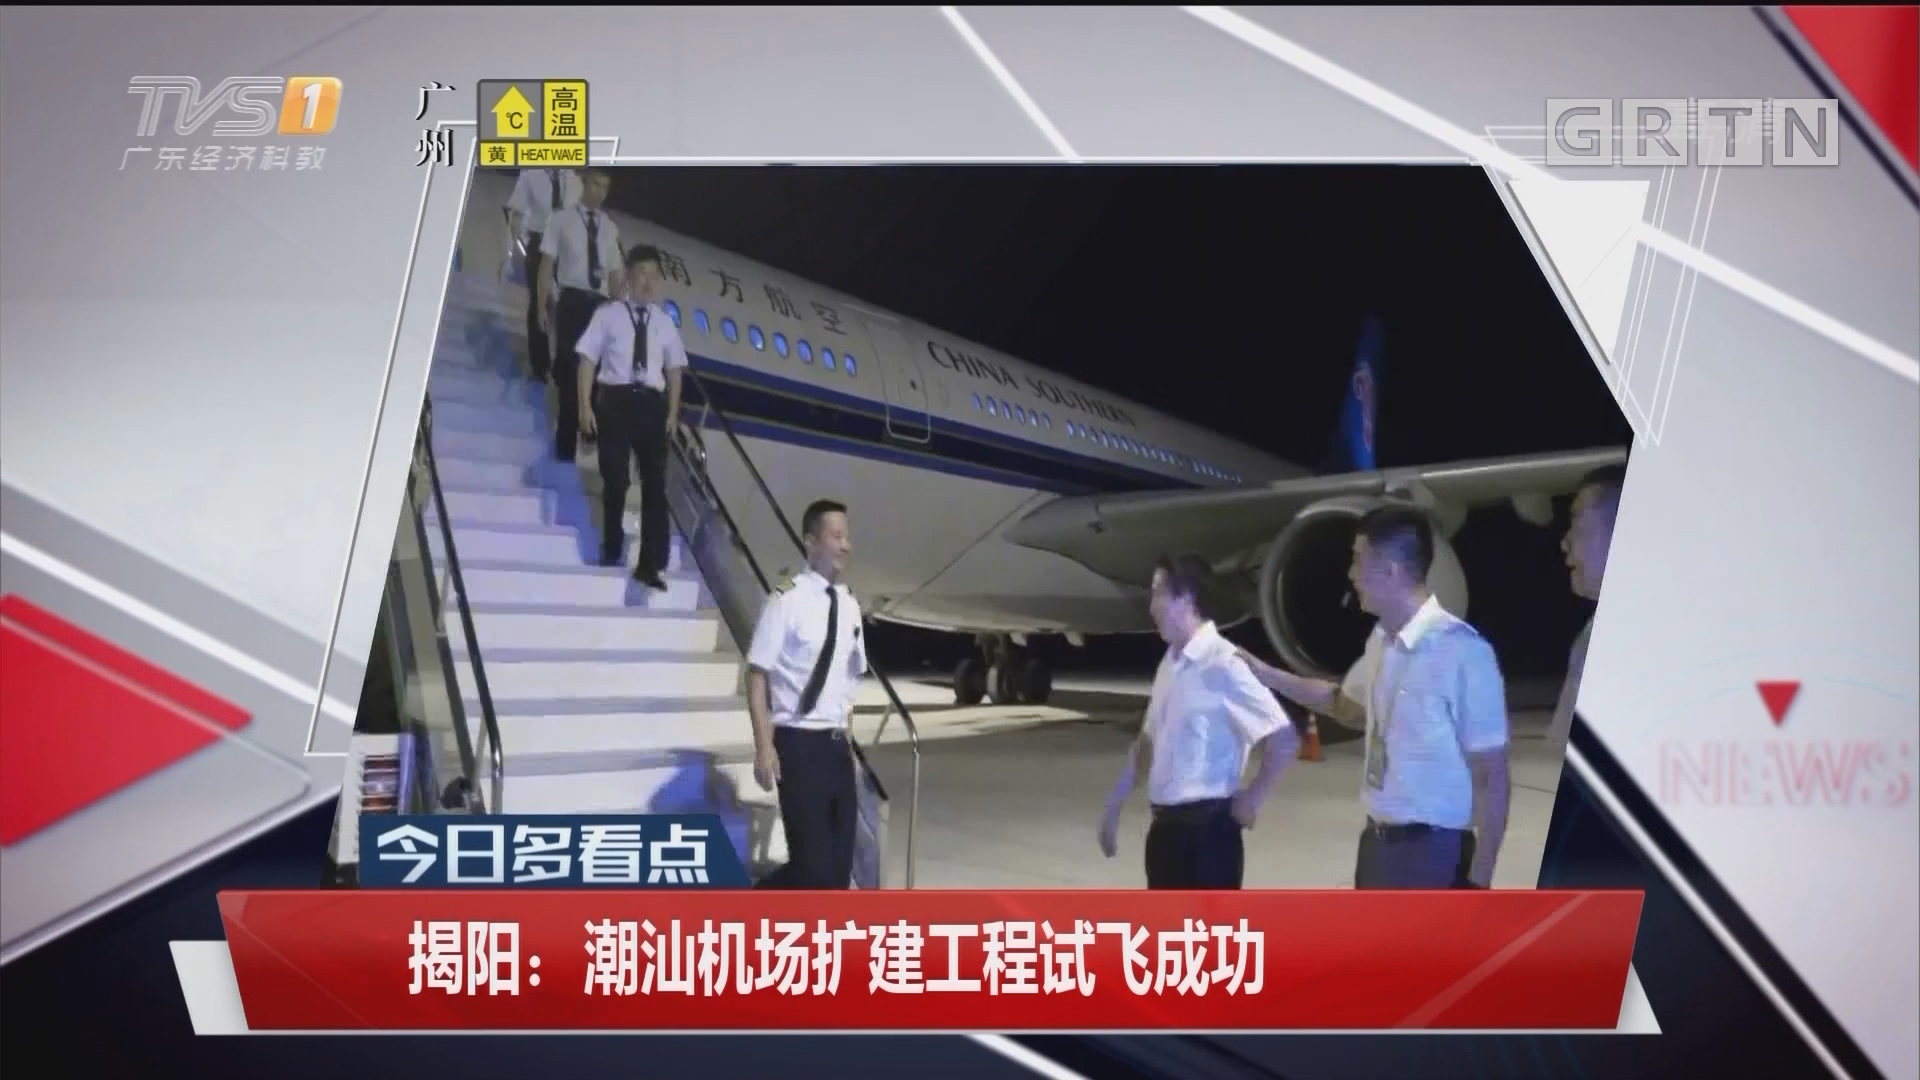 揭陽:潮汕機場擴建工程試飛成功